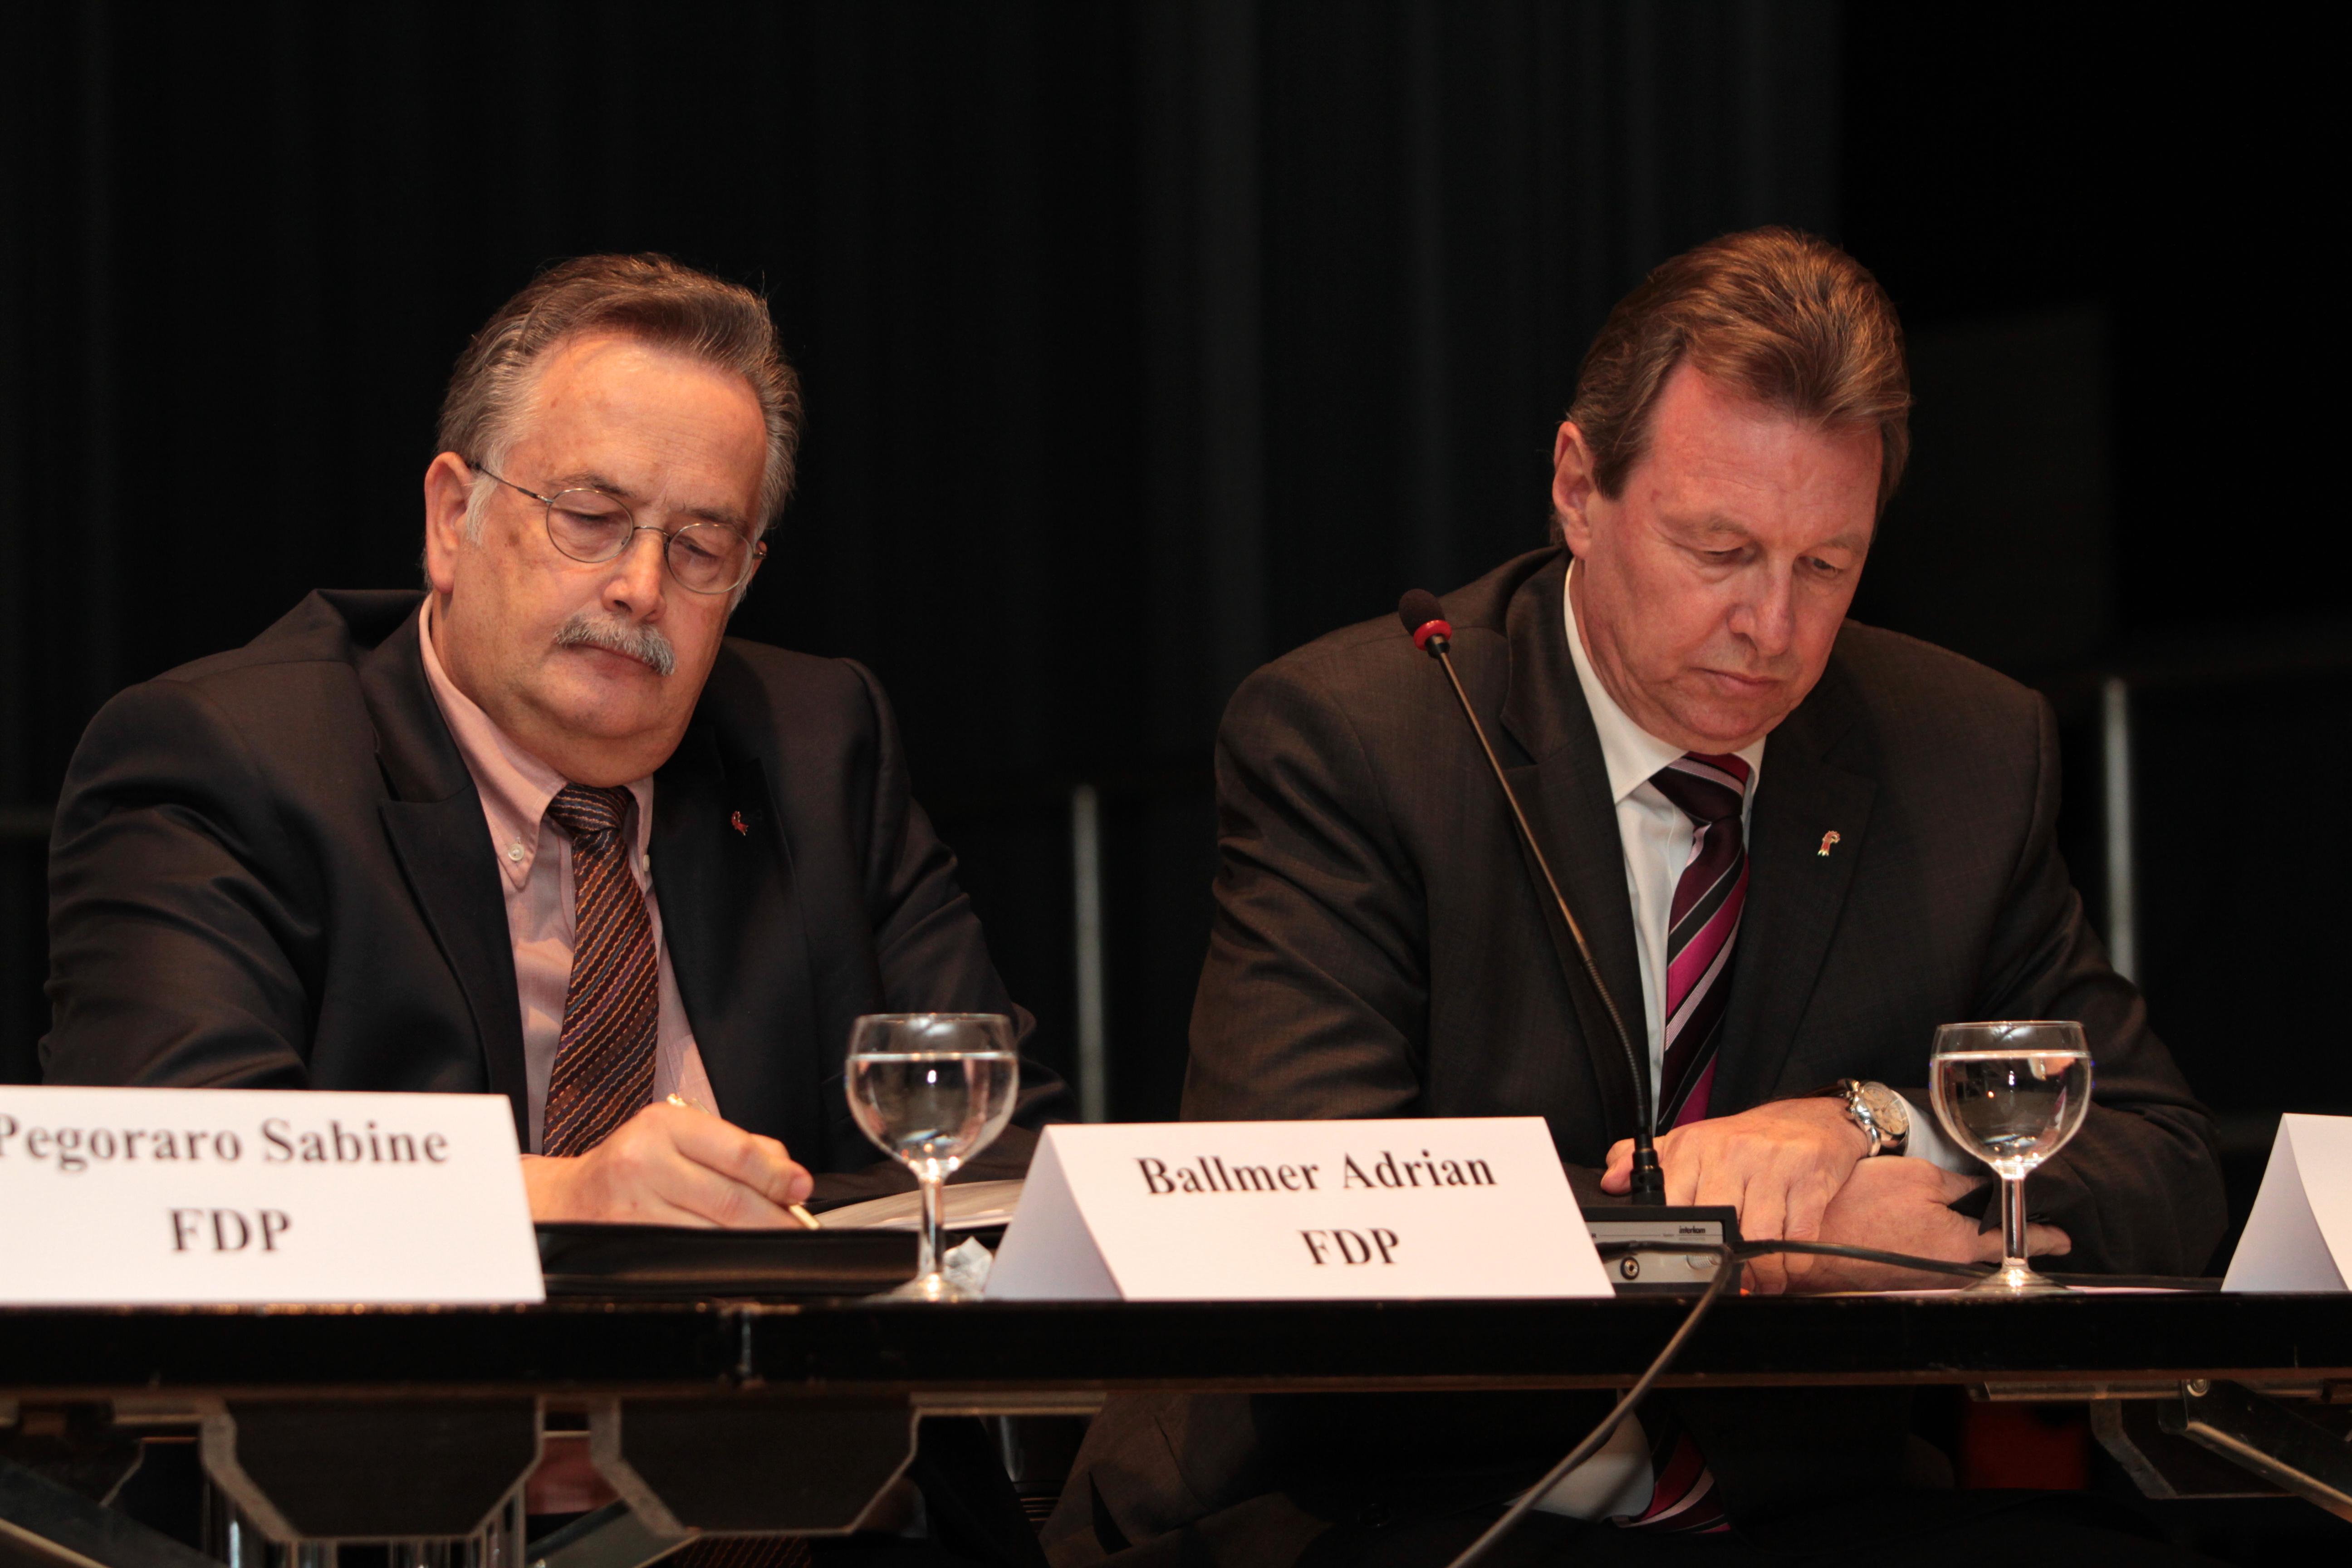 Wohin mit dem Baselbiet? Adrian Ballmer (l.) und Peter Zwick (r.)